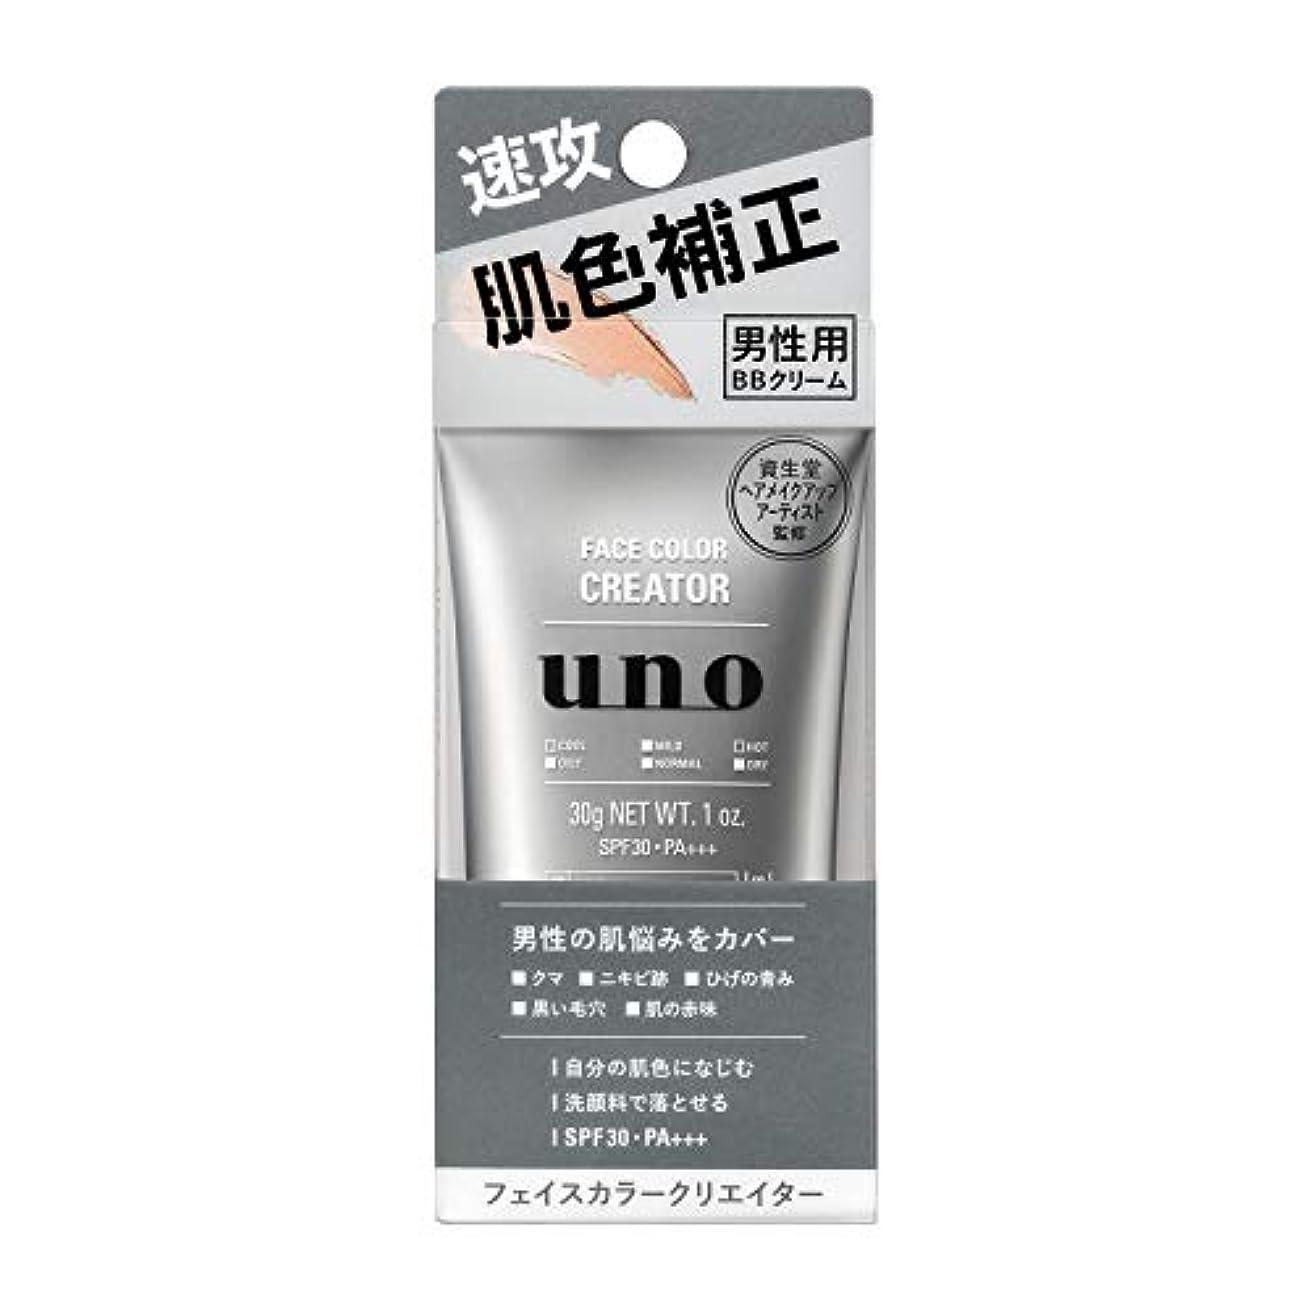 征服一貫性のない詩人UNO(ウーノ)フェイスカラークリエイター BBクリーム メンズ SPF30 PA+++ 30g